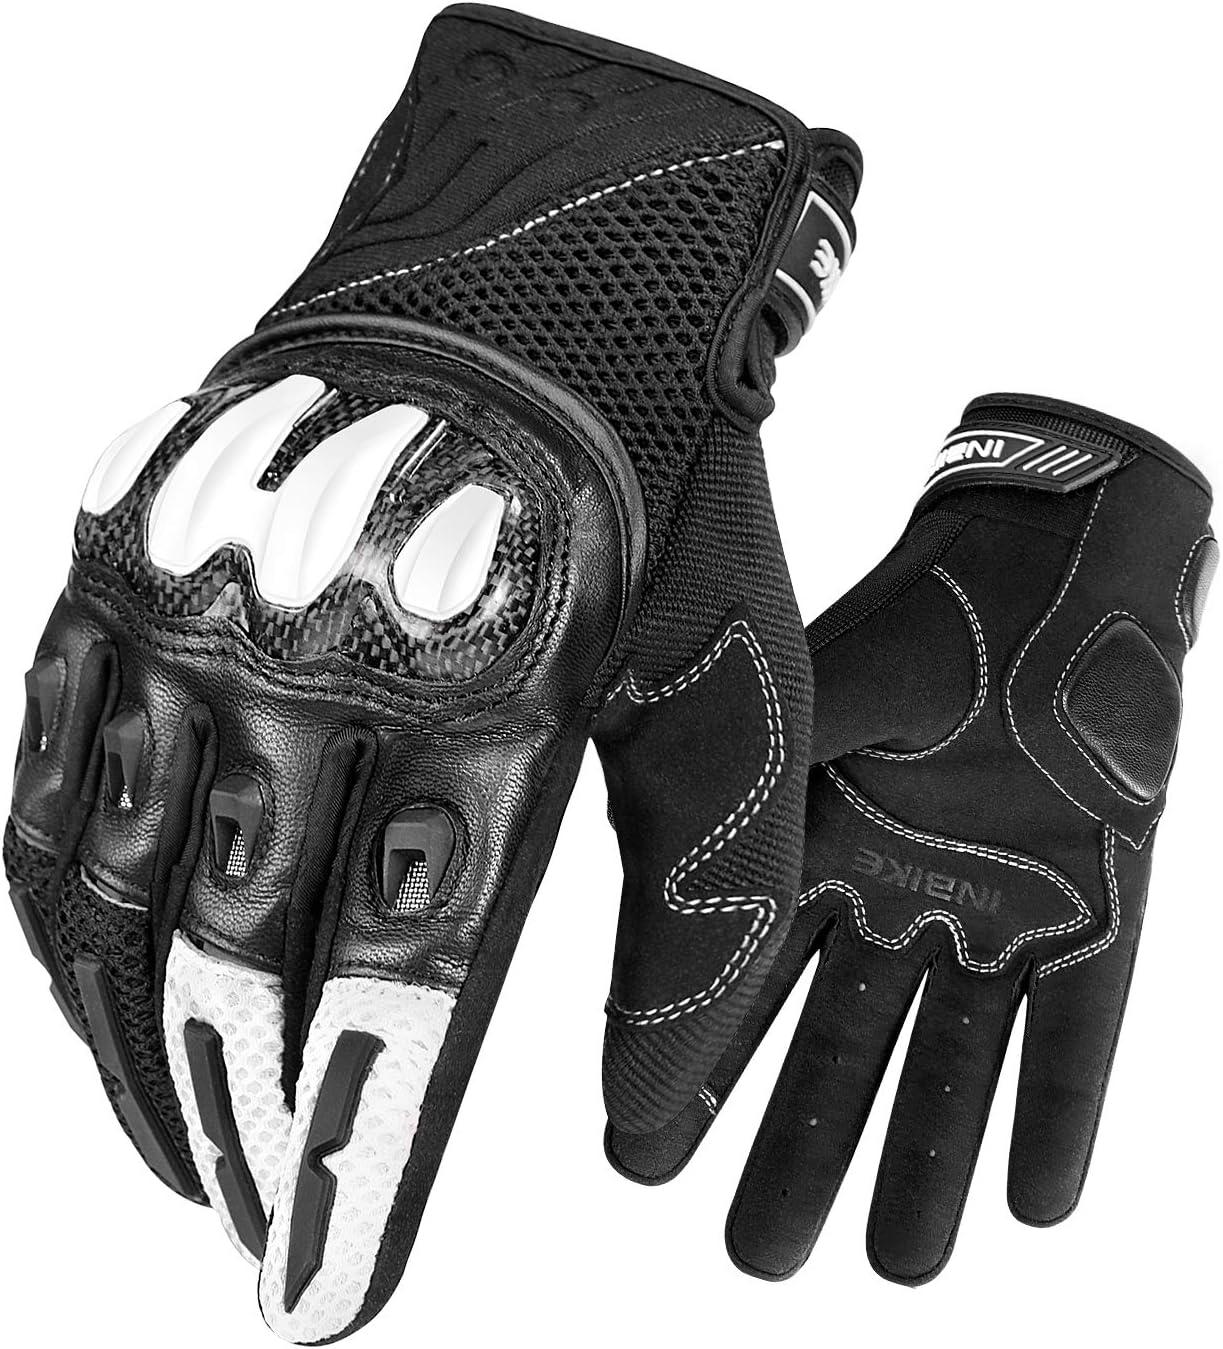 INBIKE Atmungsaktiv Motorradhandschuhe Touchscreen Handschuhe Aus Hochwertigen Ziegenleder und Mesh Professionelle Schutzausr/üstung bietet umfassenden Schutz